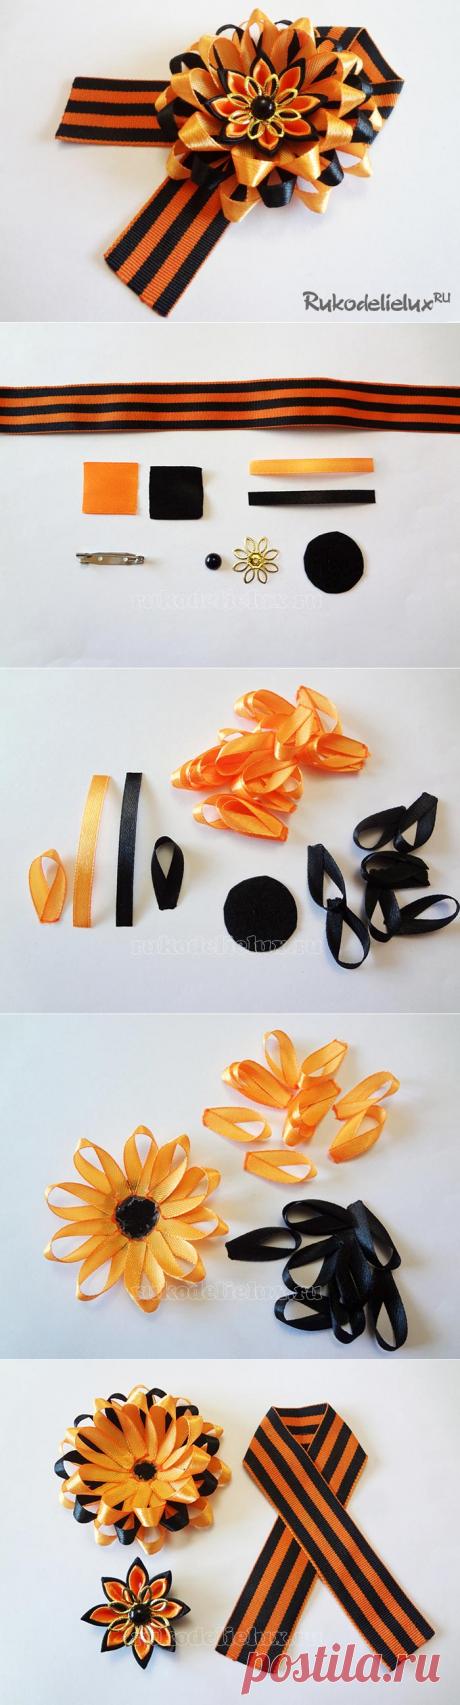 Тематическая брошь к 9 мая — Сделай сам, идеи для творчества - DIY Ideas